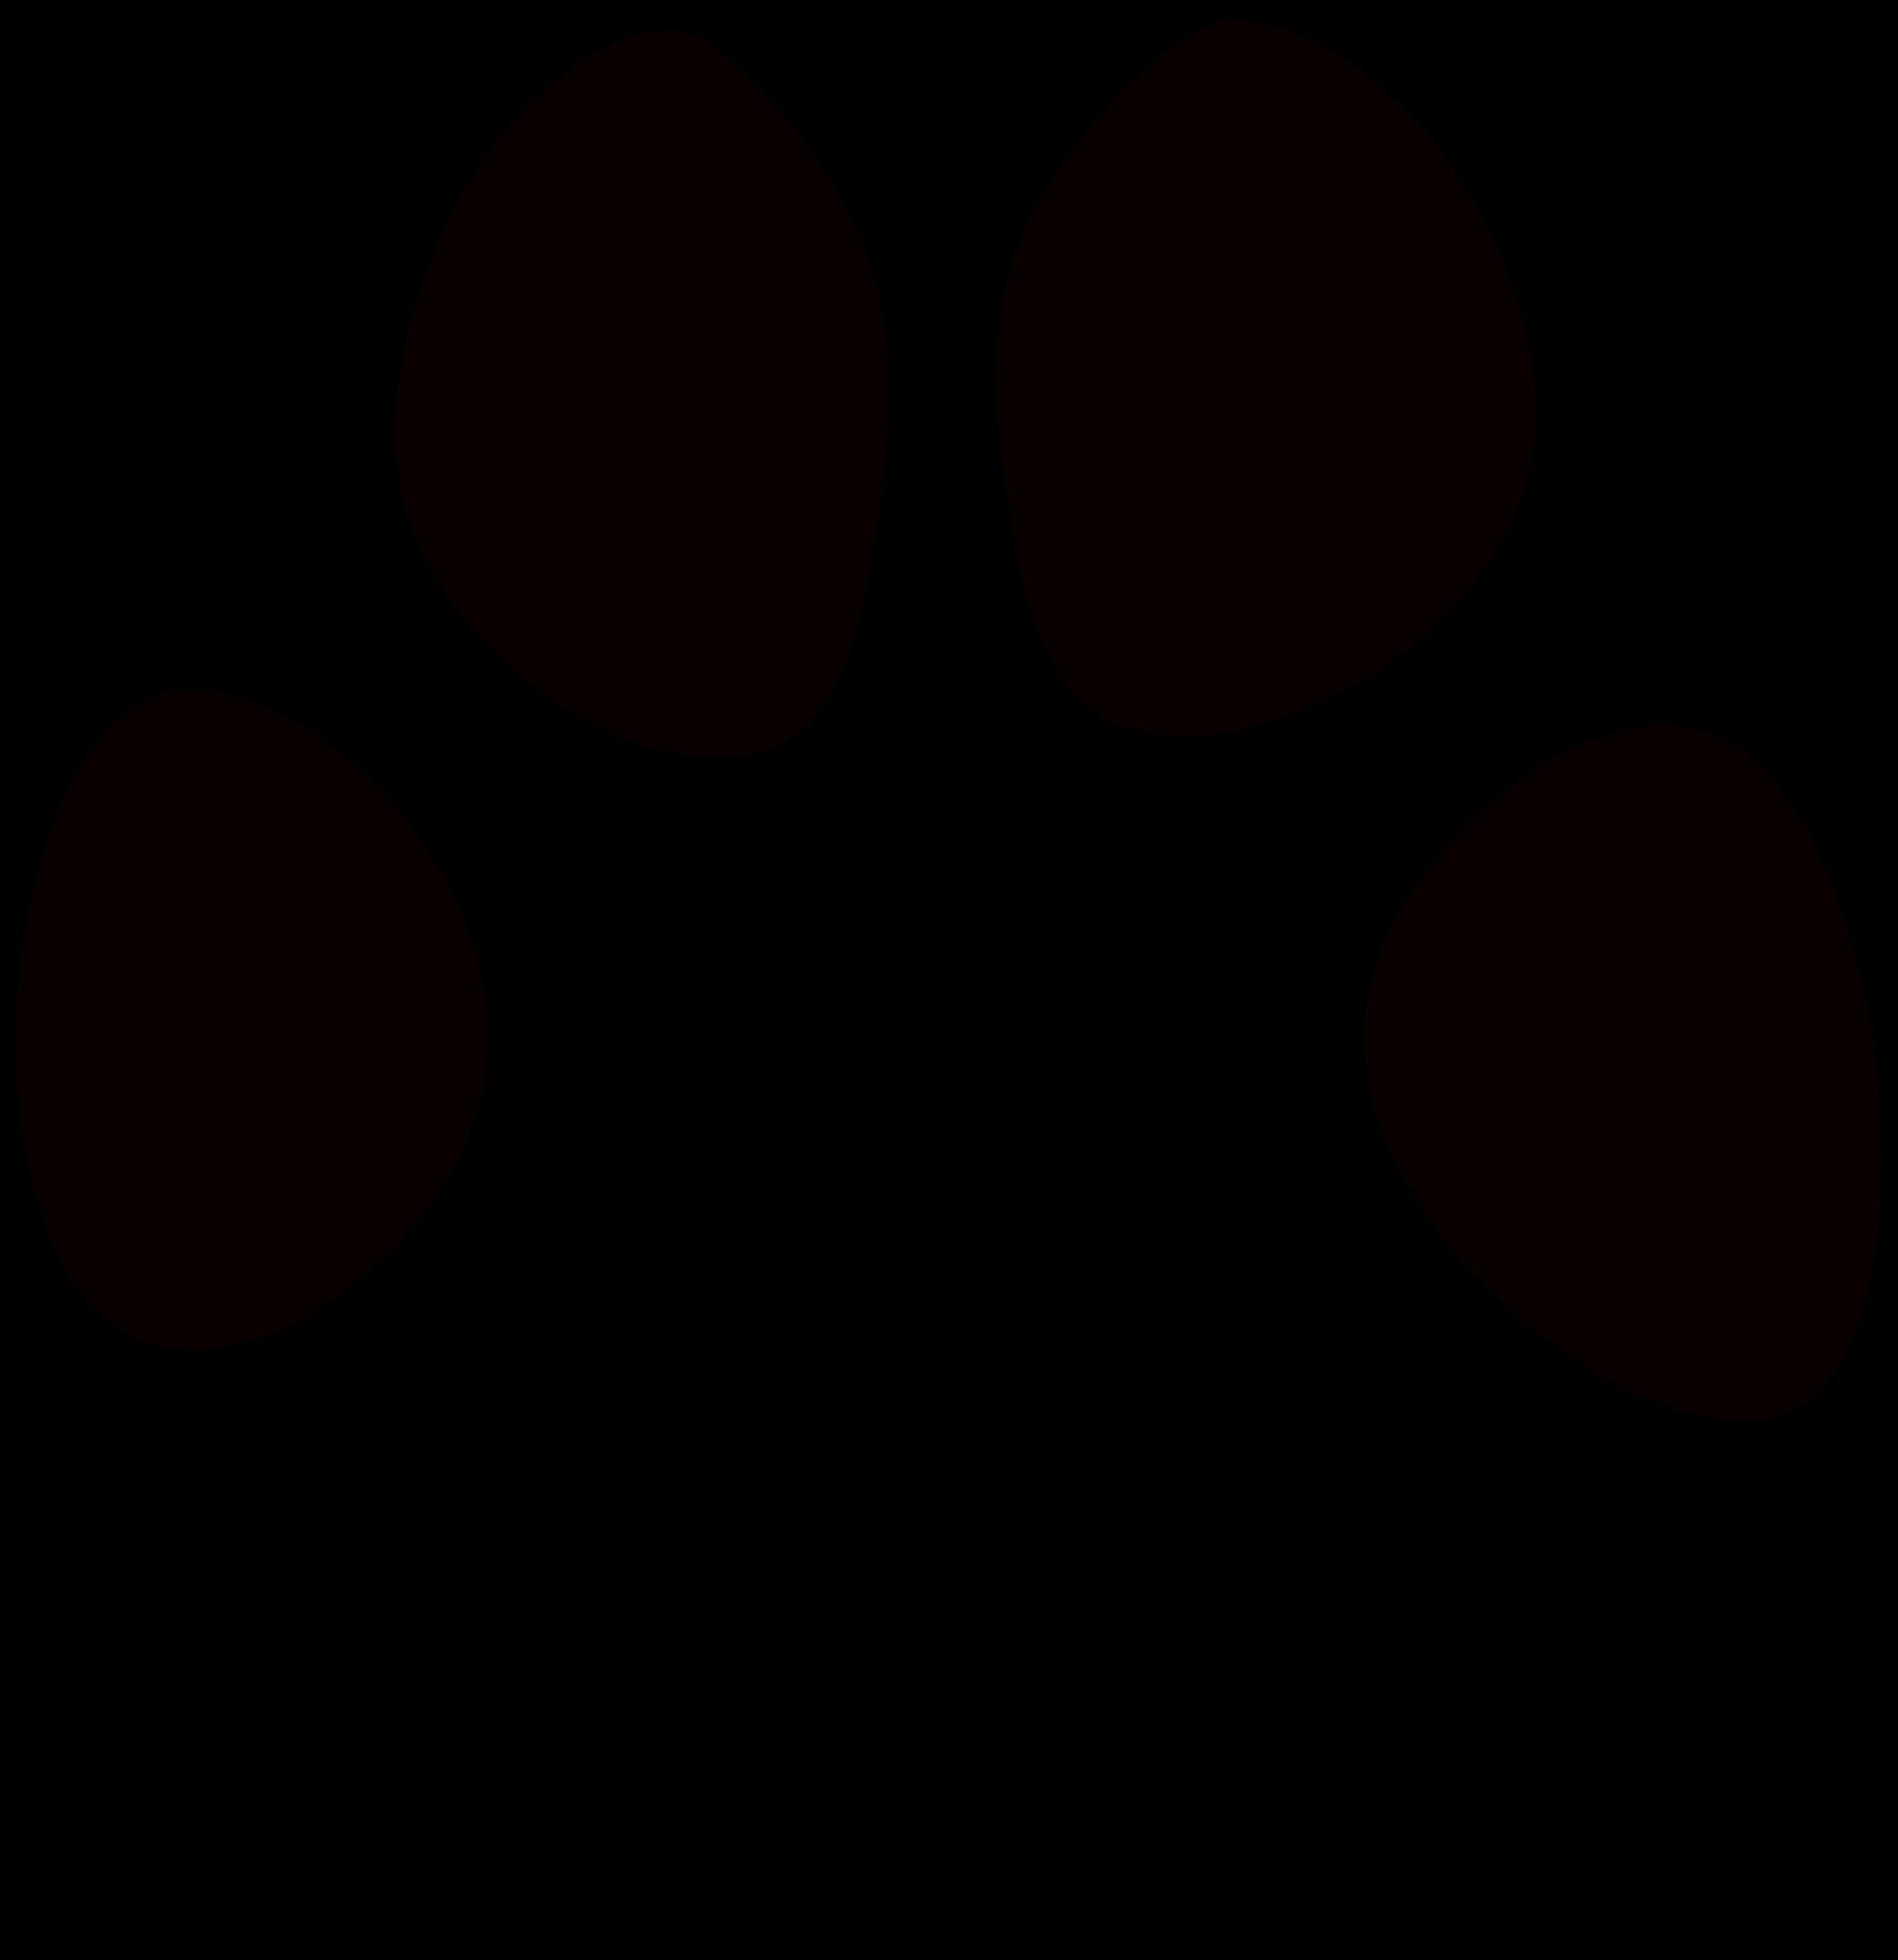 Huella de perro big. Pawprint clipart dog tracks